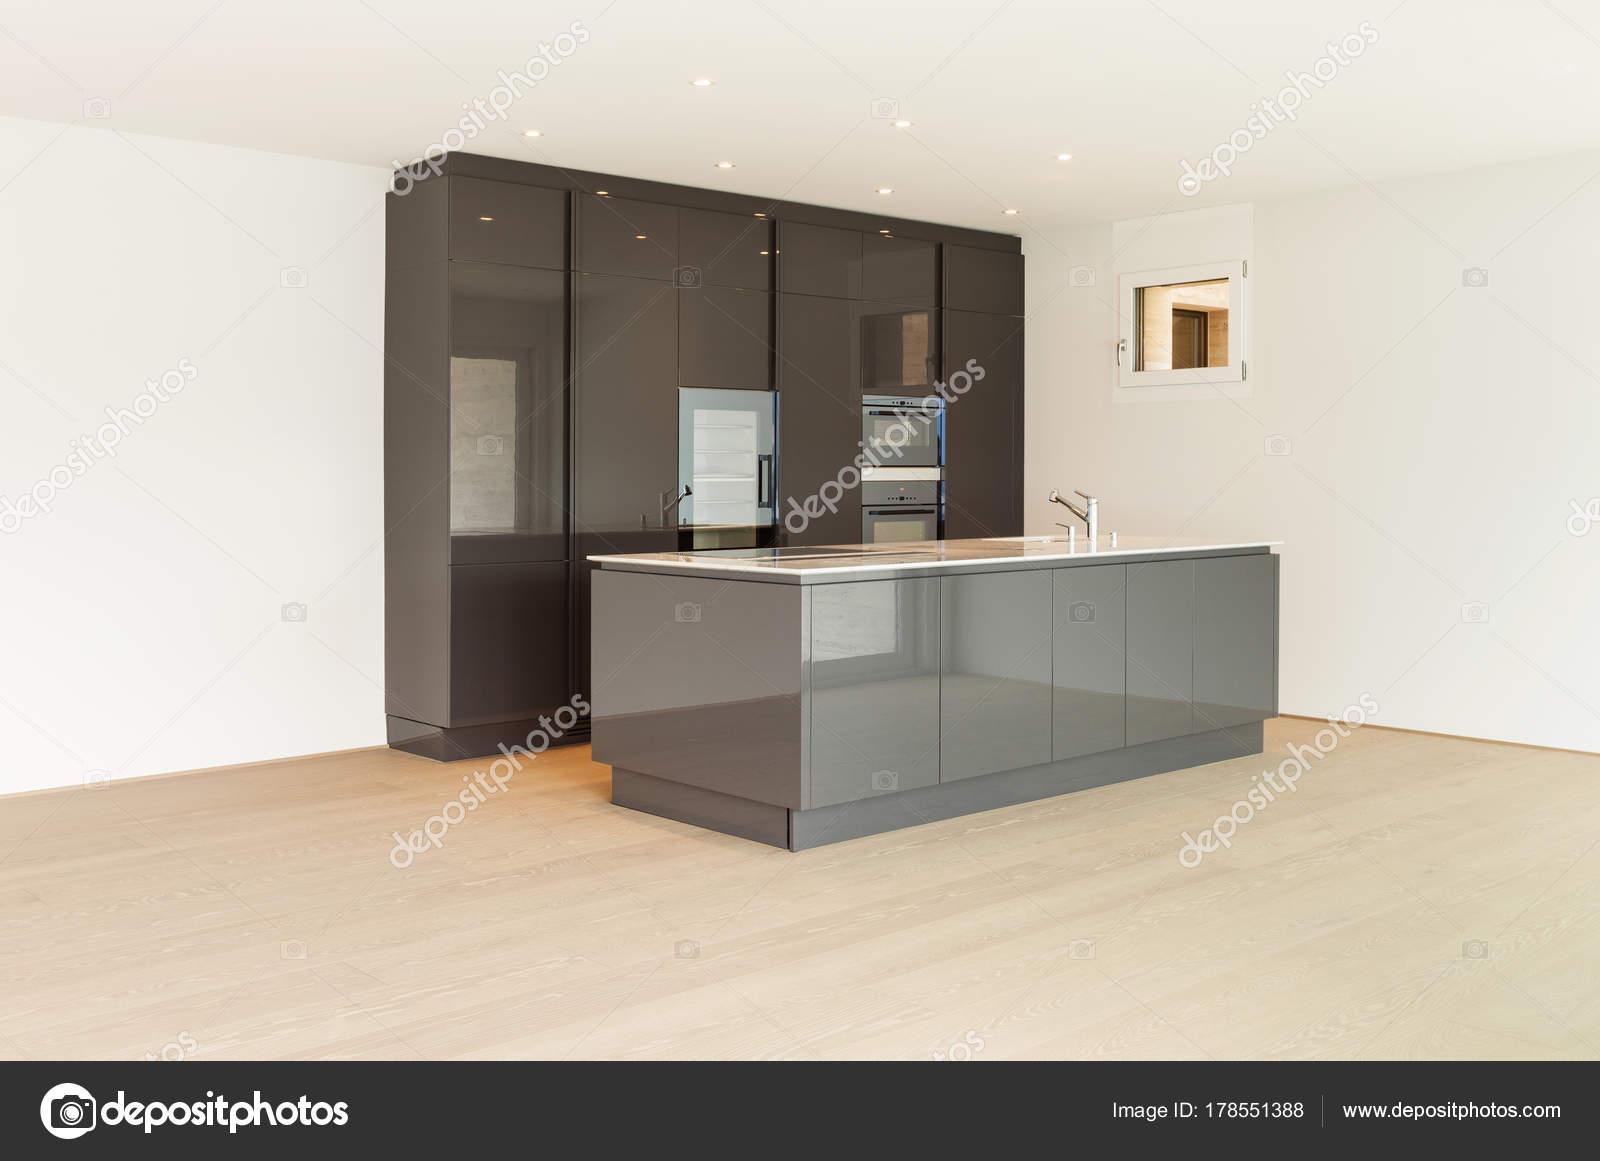 Schönes Haus, moderne Küche — Stockfoto © Zveiger #178551388